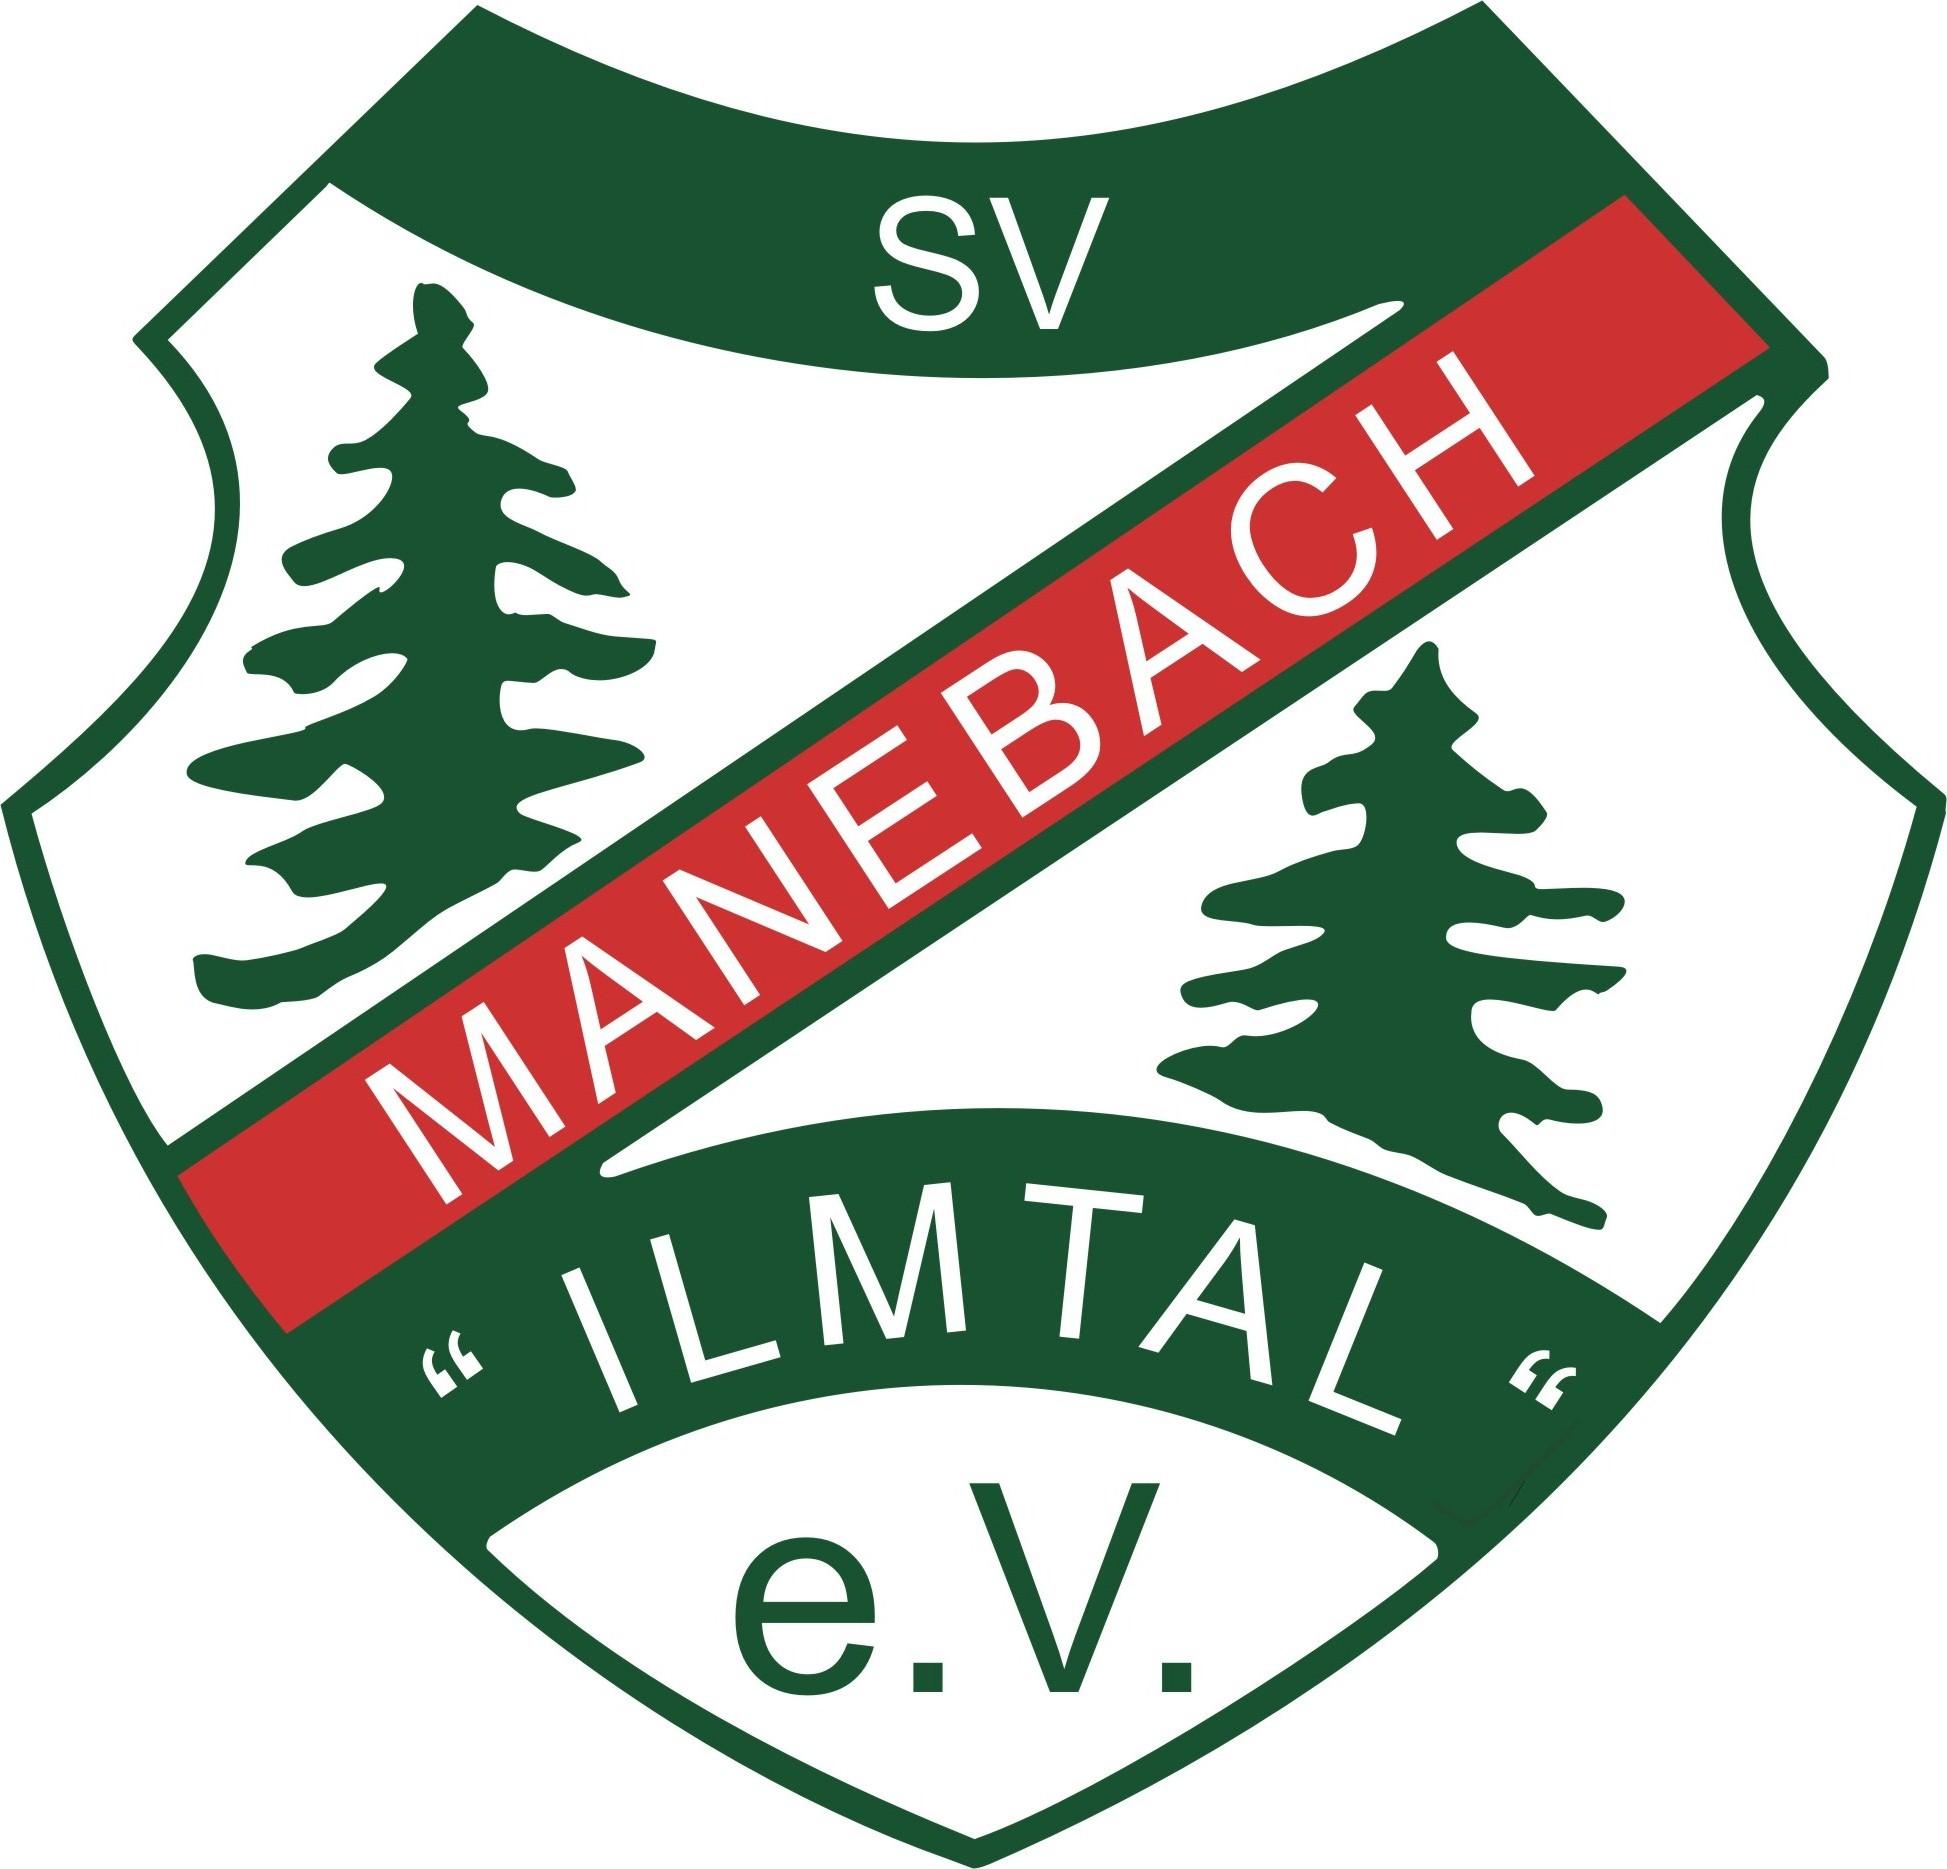 Wappen / Logo des Vereins SV Ilmtal Manebach